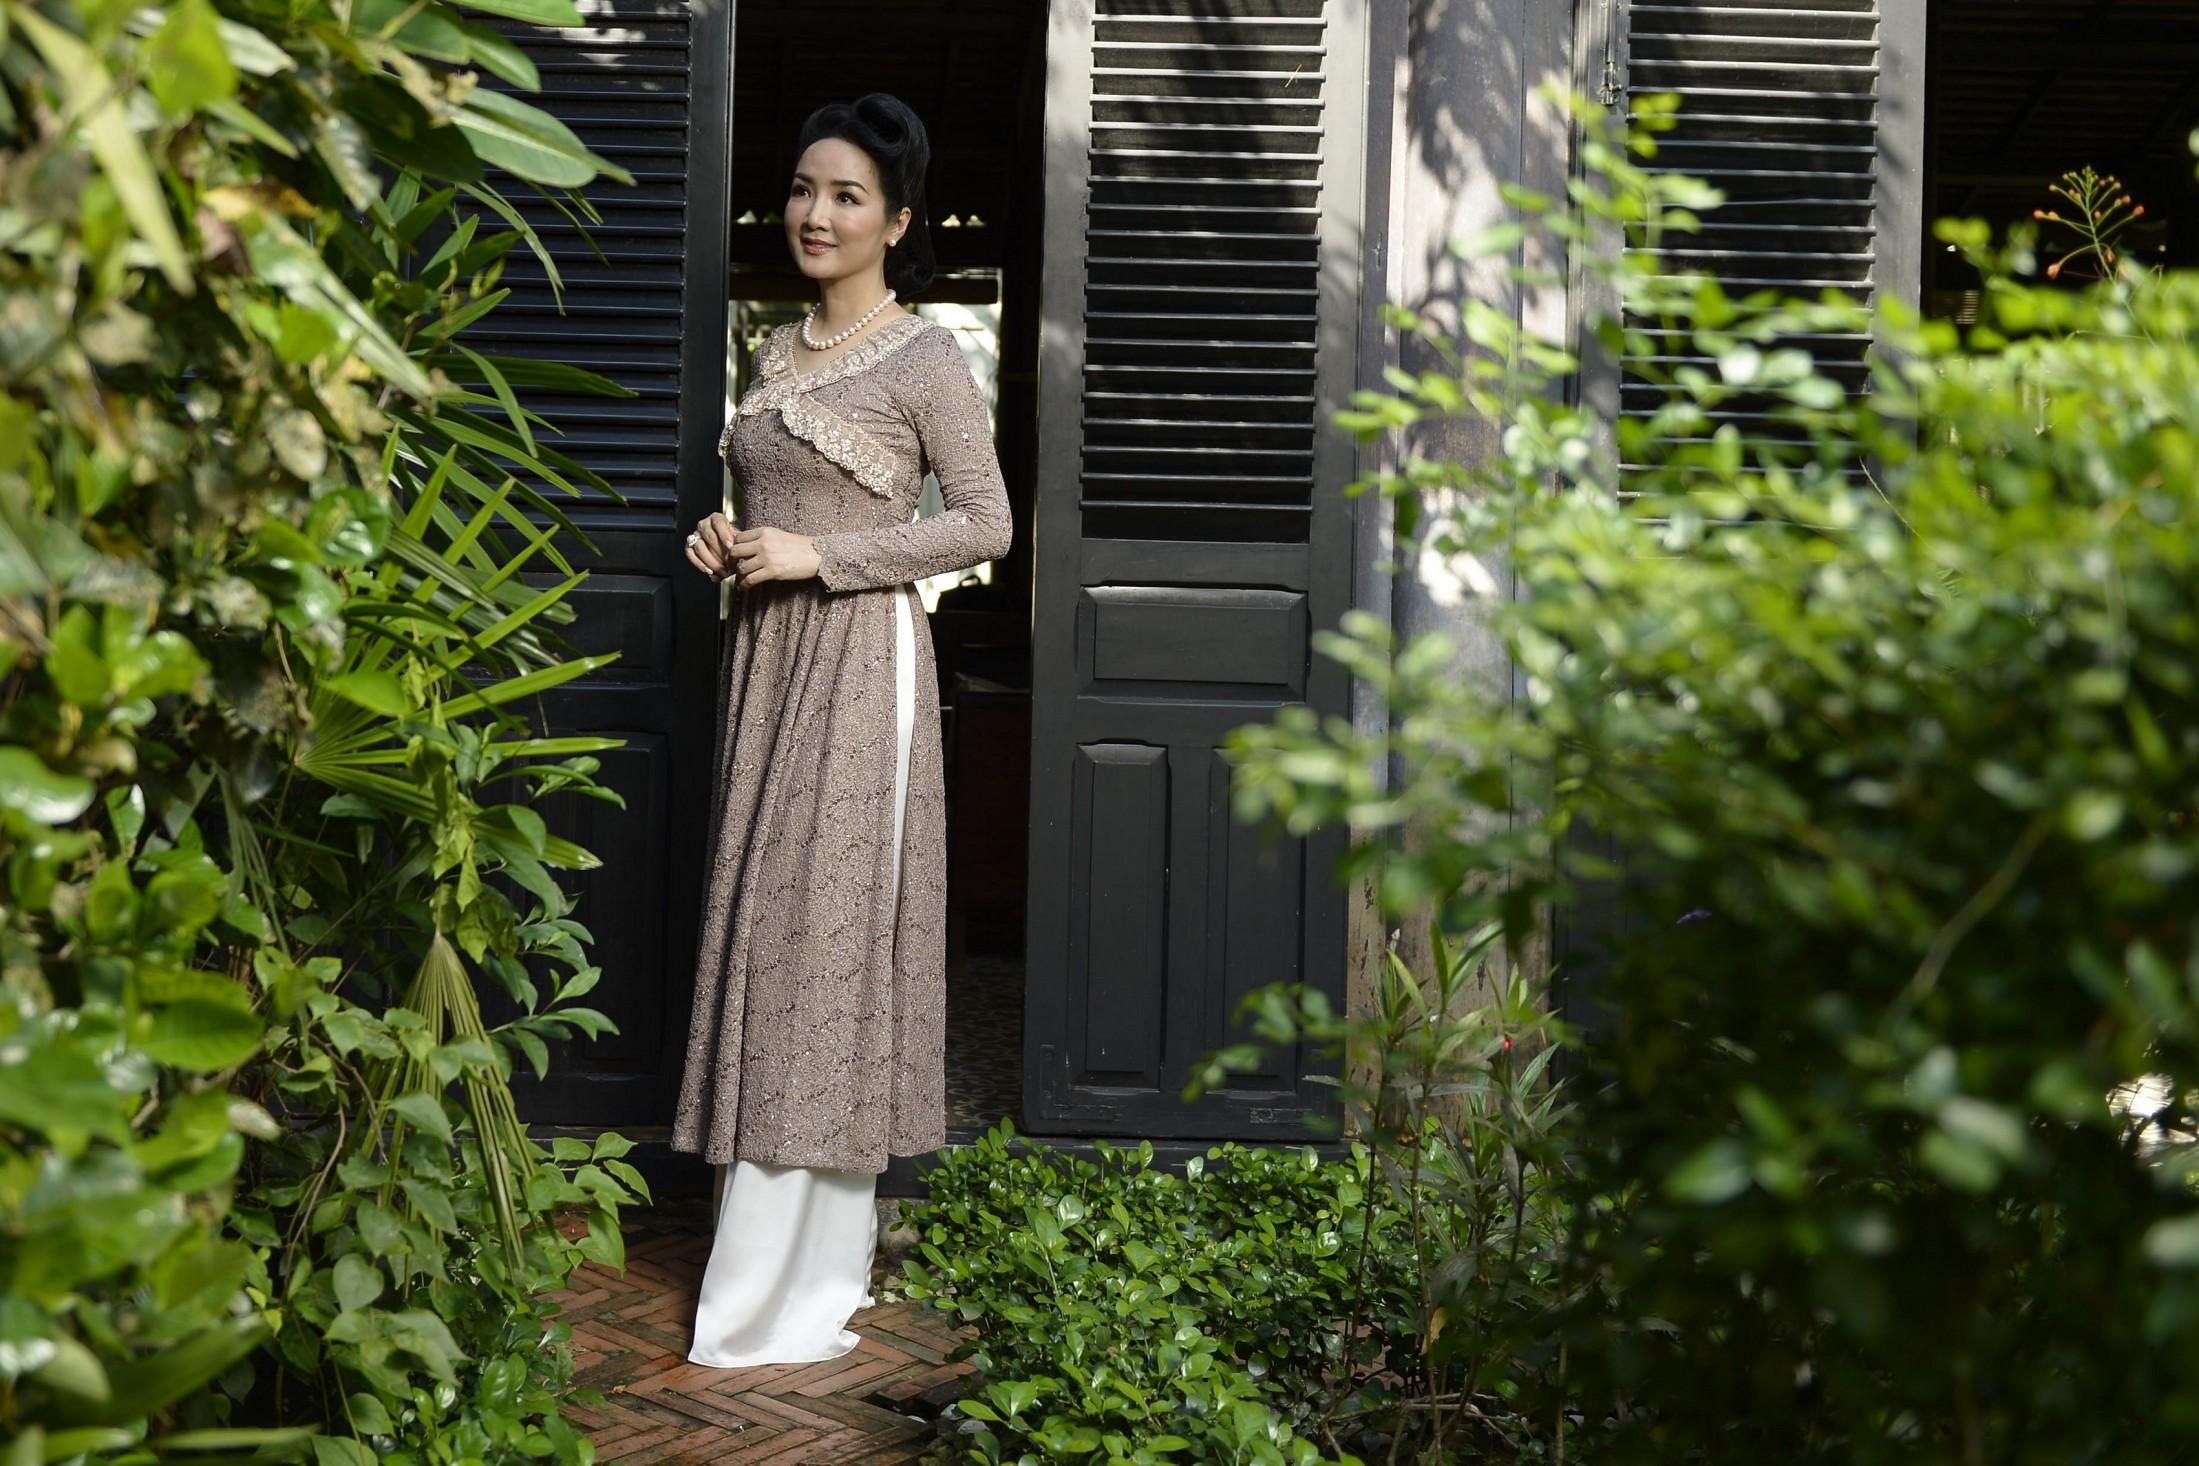 áo dài Việt Nam